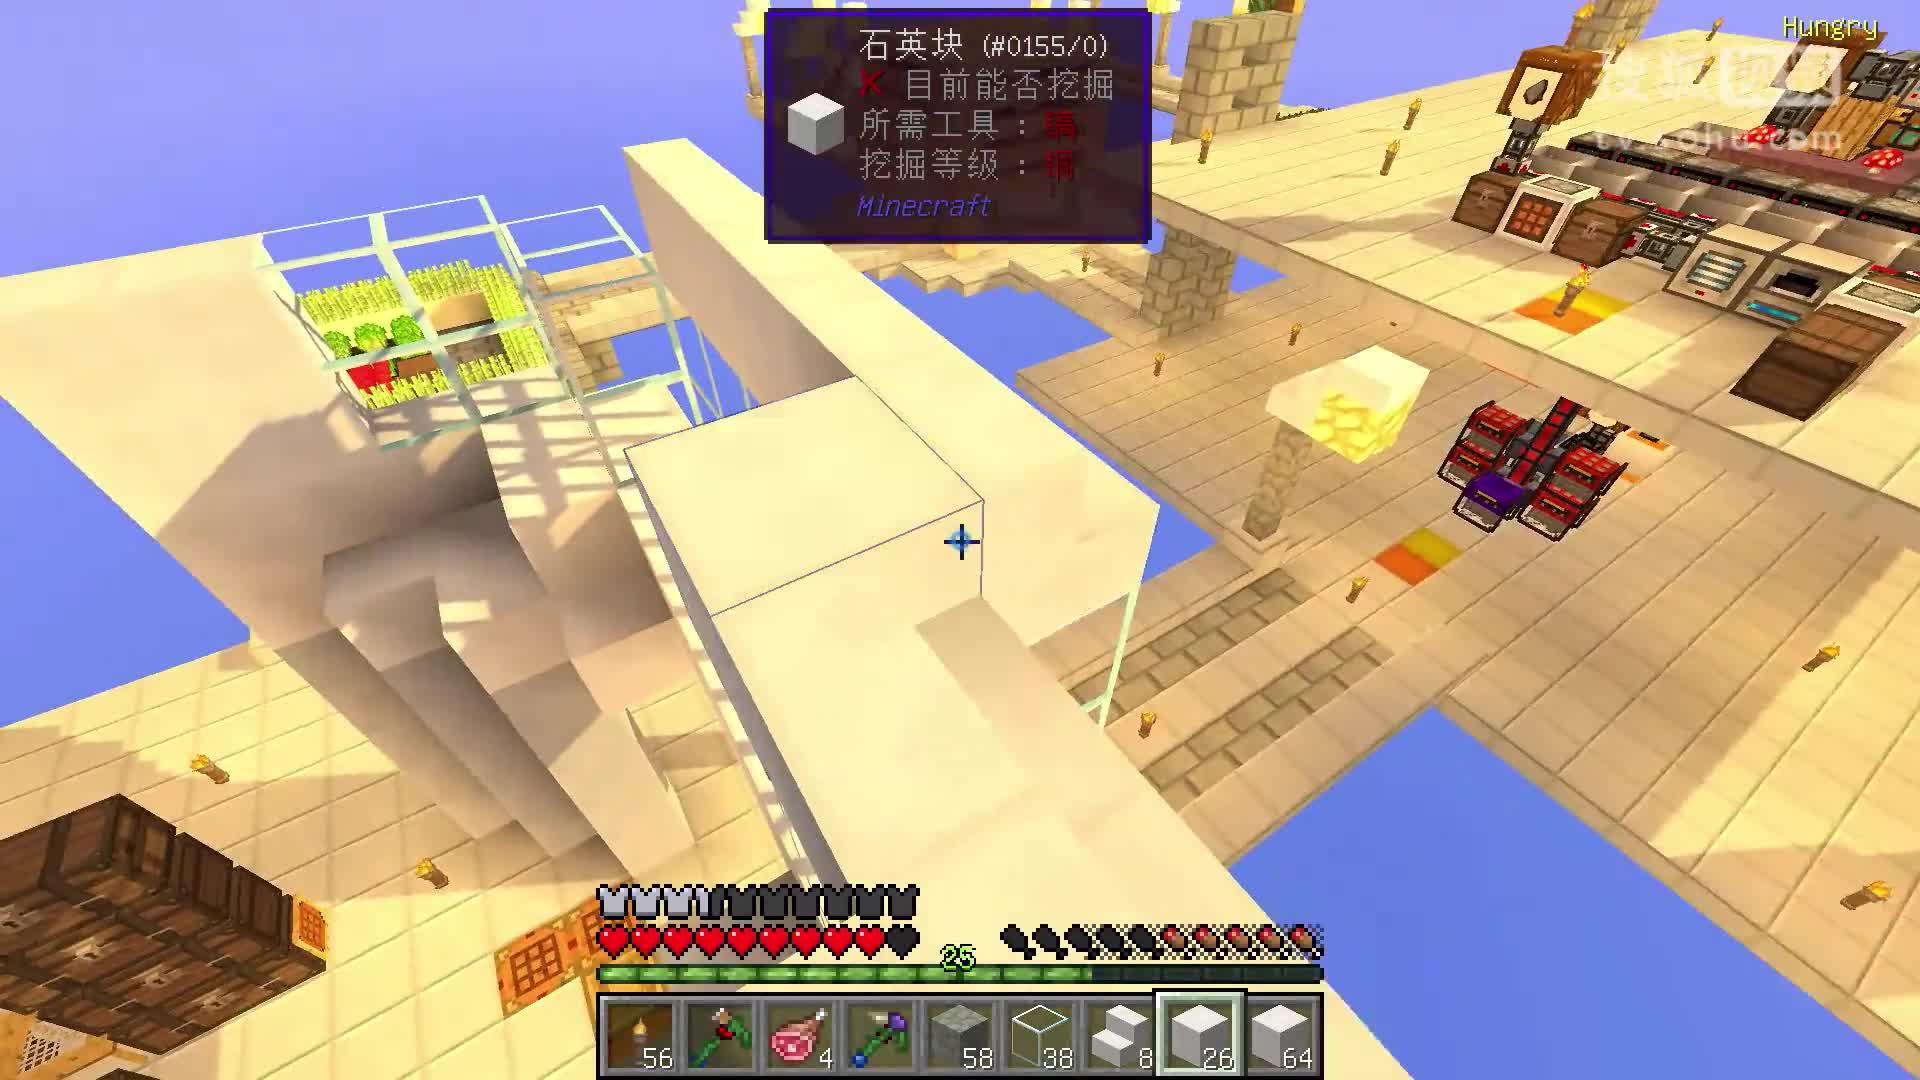 我的世界minecraft《安逸菌de天空工厂2》mc单人模组